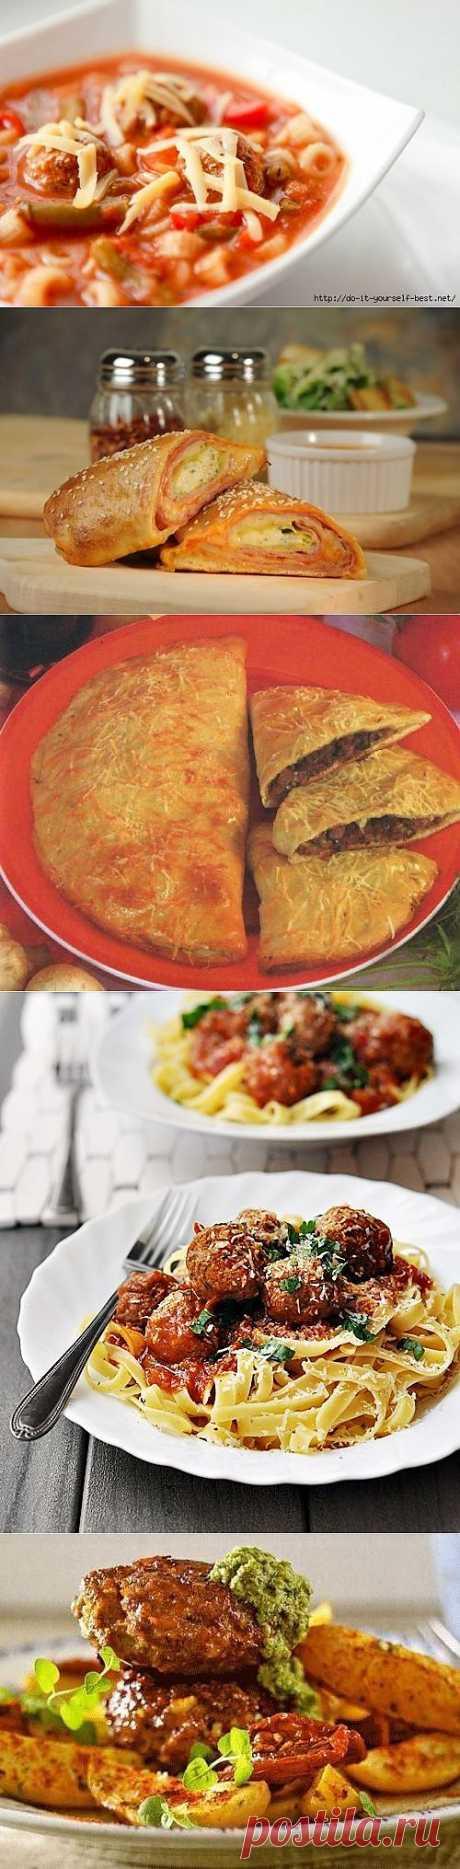 Итальянская кухня (пицца,паста) | Записи в рубрике Итальянская кухня (пицца,паста) | Дневник shapo4ka90